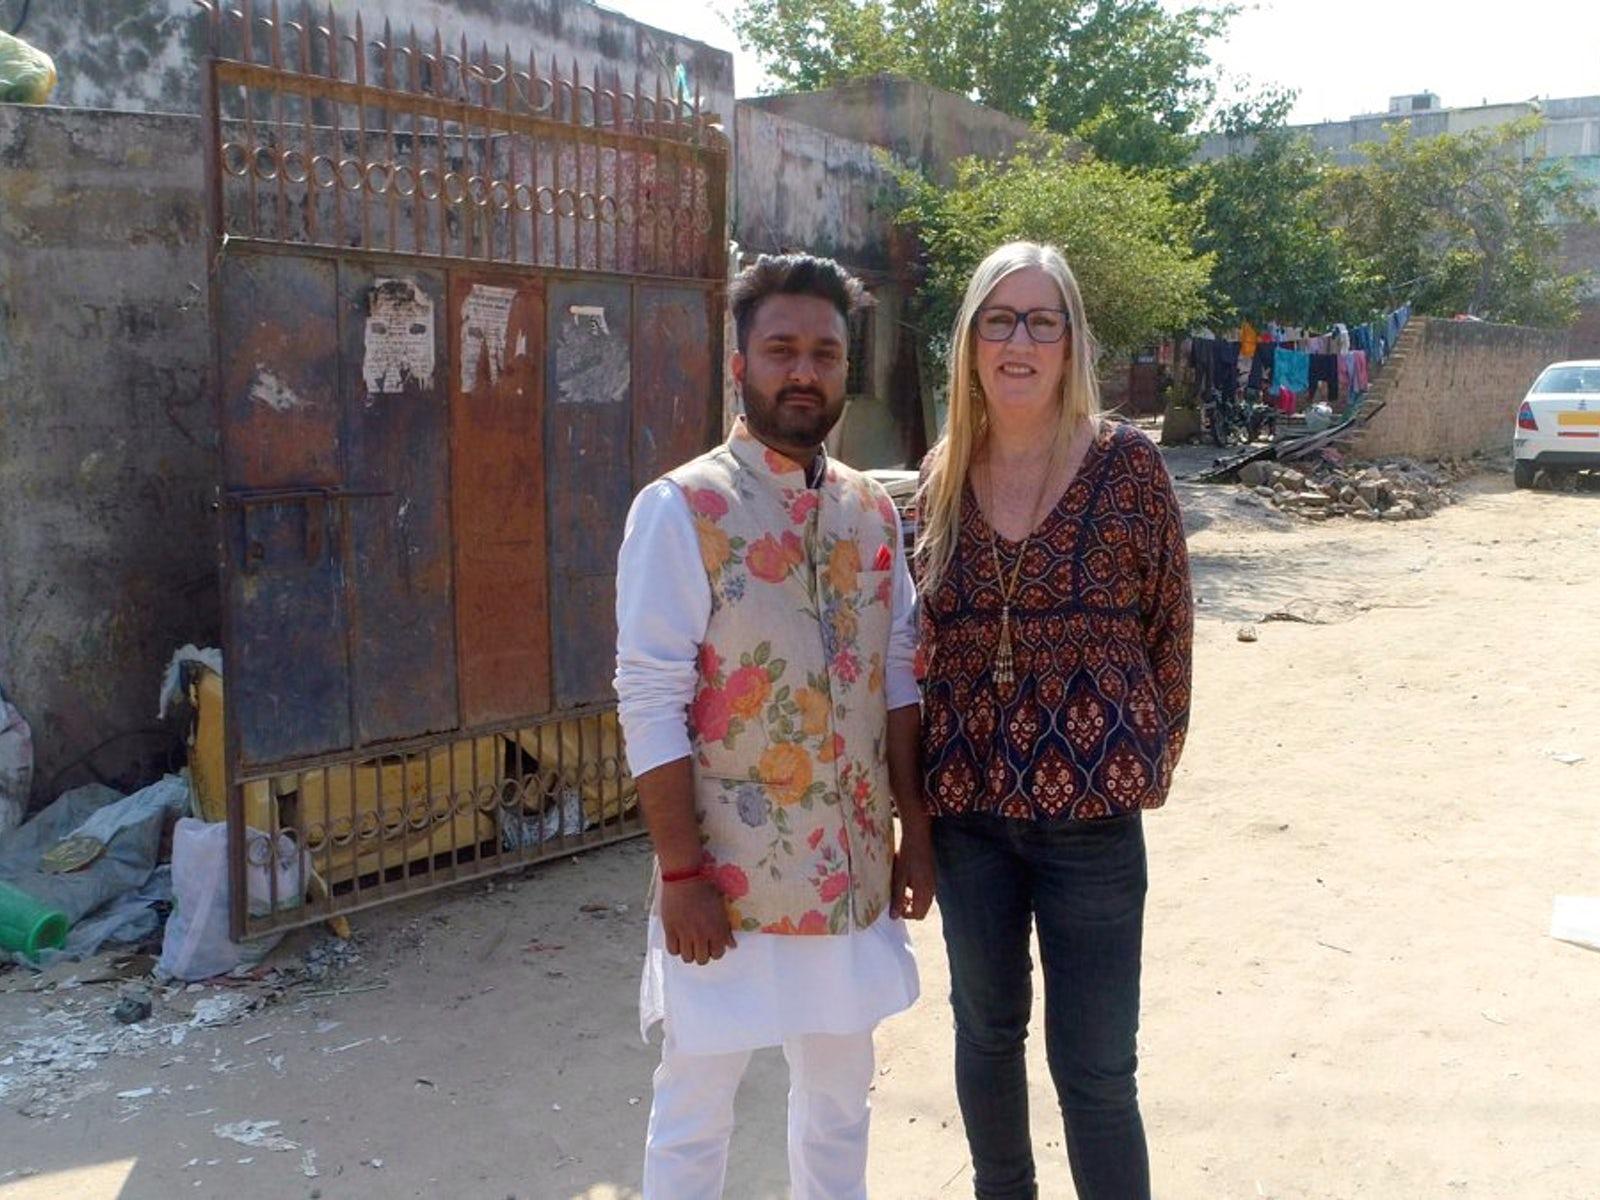 原创 60岁美国大婶痴恋30岁印度男子,跌宕起伏的爱情,让人瞠目结舌